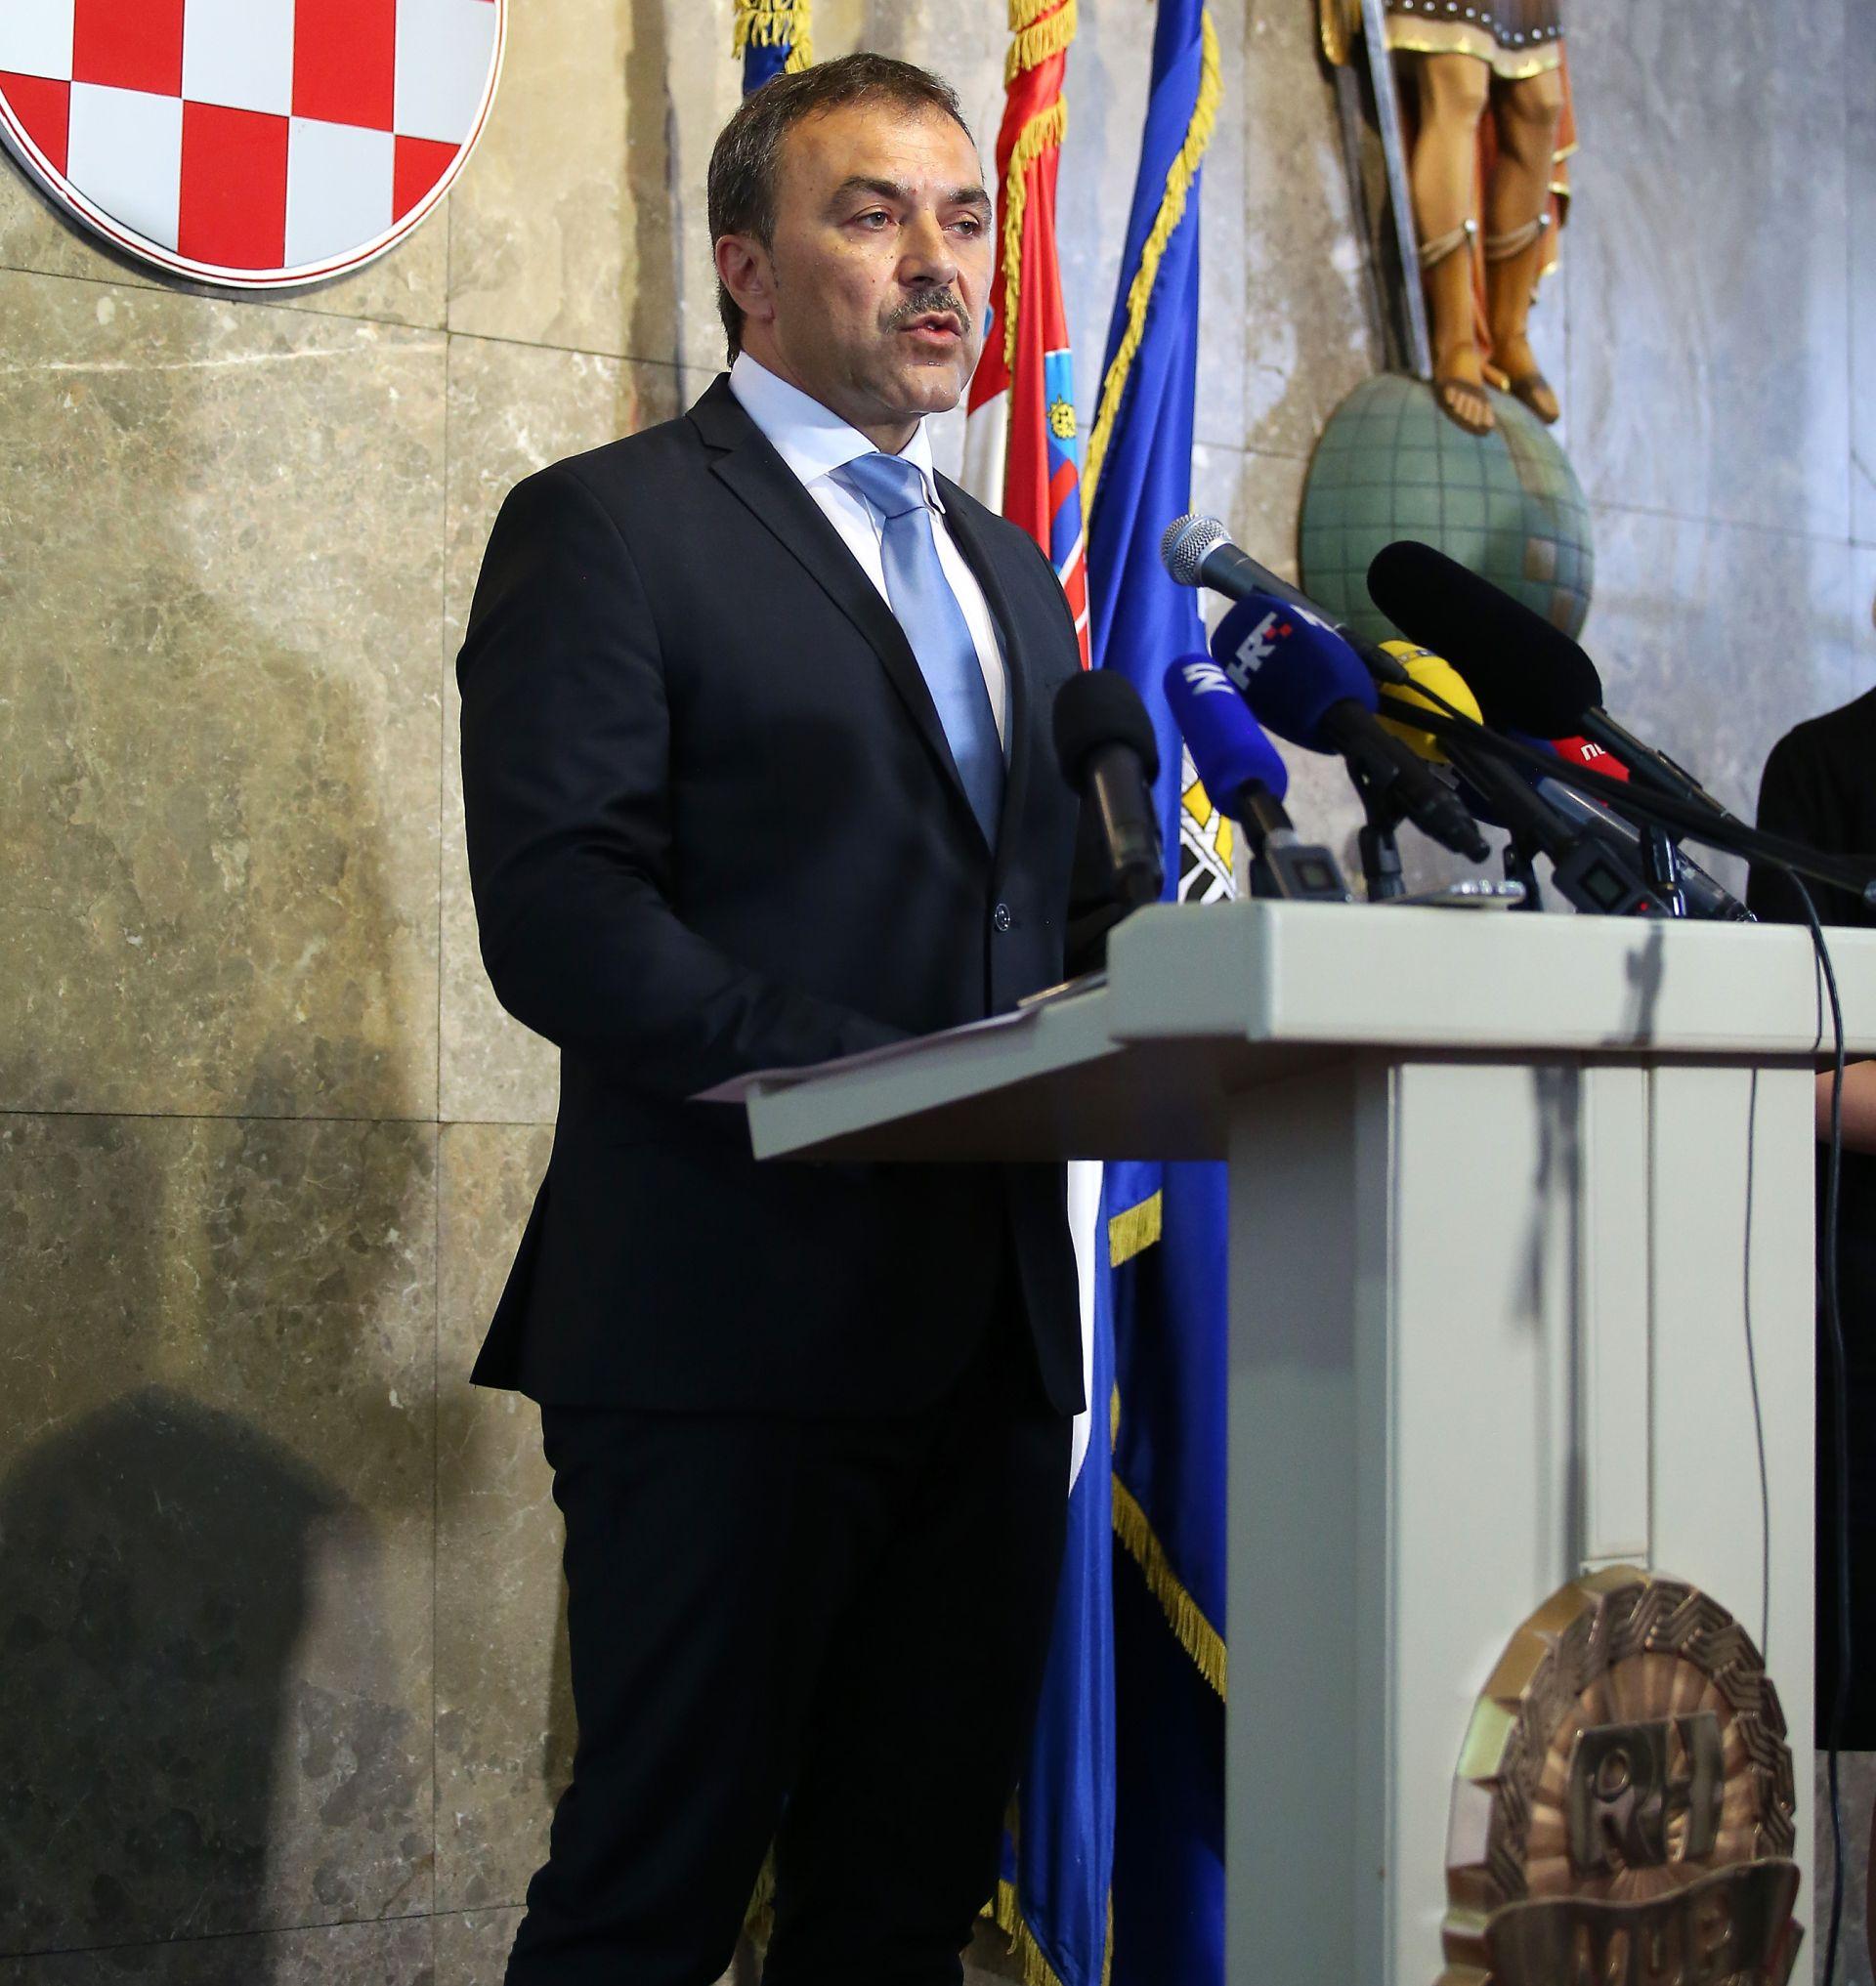 ODGOVOR NA OTVORENO PISMO Orepić: 'Lažnim prebivalištima su manipulirali mnogi i vrijeme je da se s tim prestane'